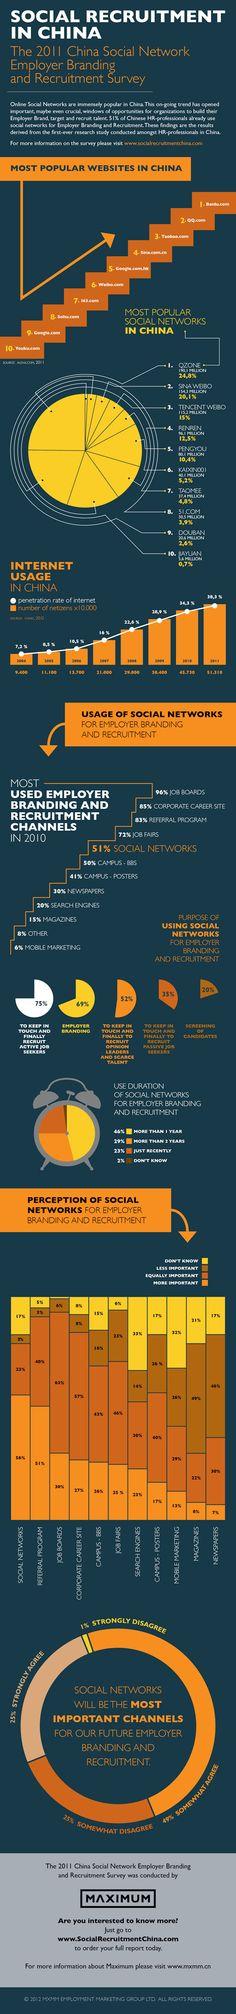 Infografía de seleccion de personal en china con la influencia de las Redes Sociales.  www.mujeresconsejeras.com